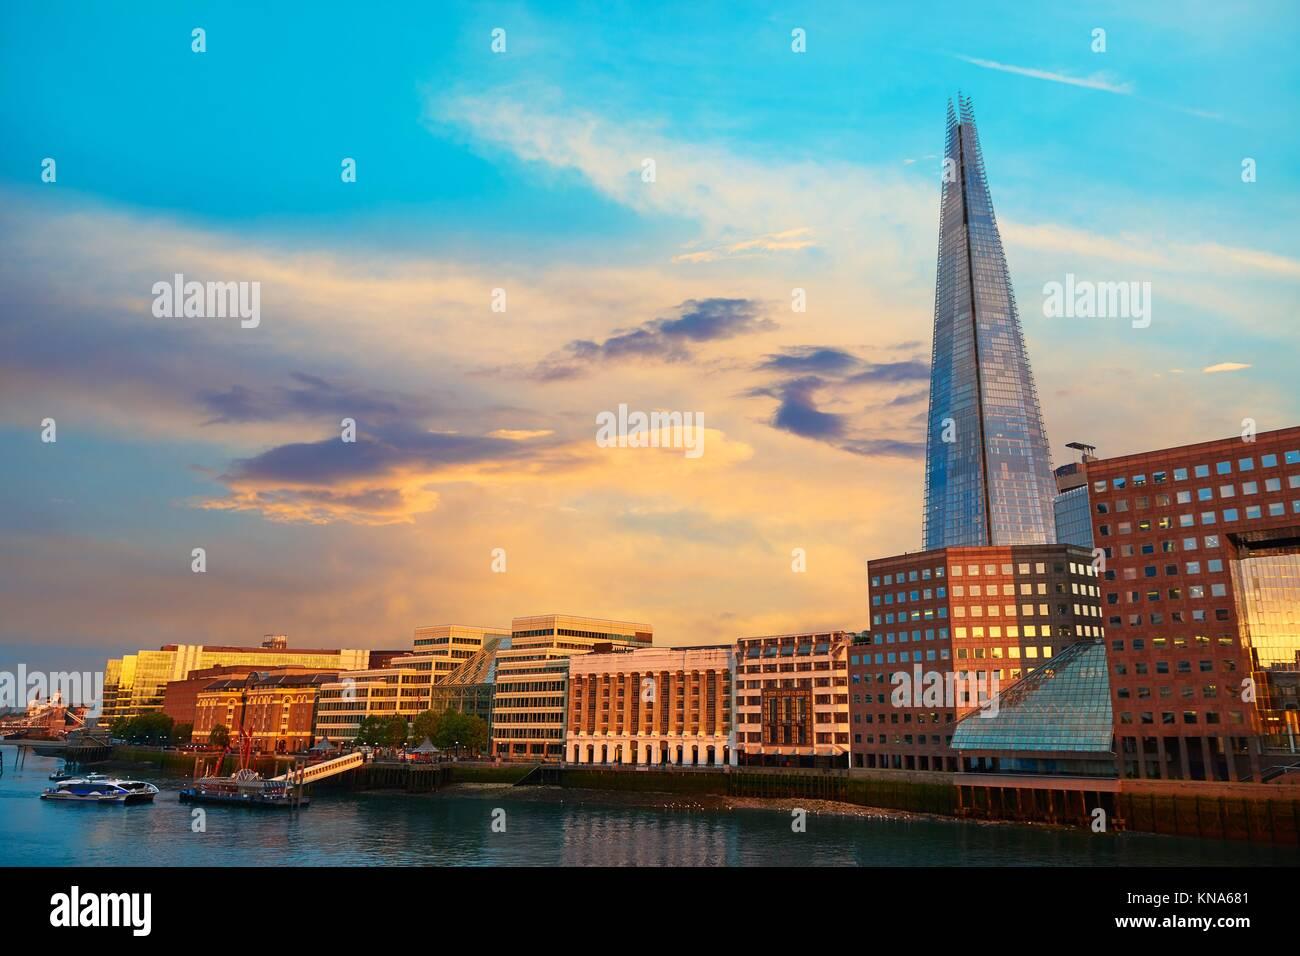 Londres El Shard edificio al atardecer en Inglaterra. Imagen De Stock